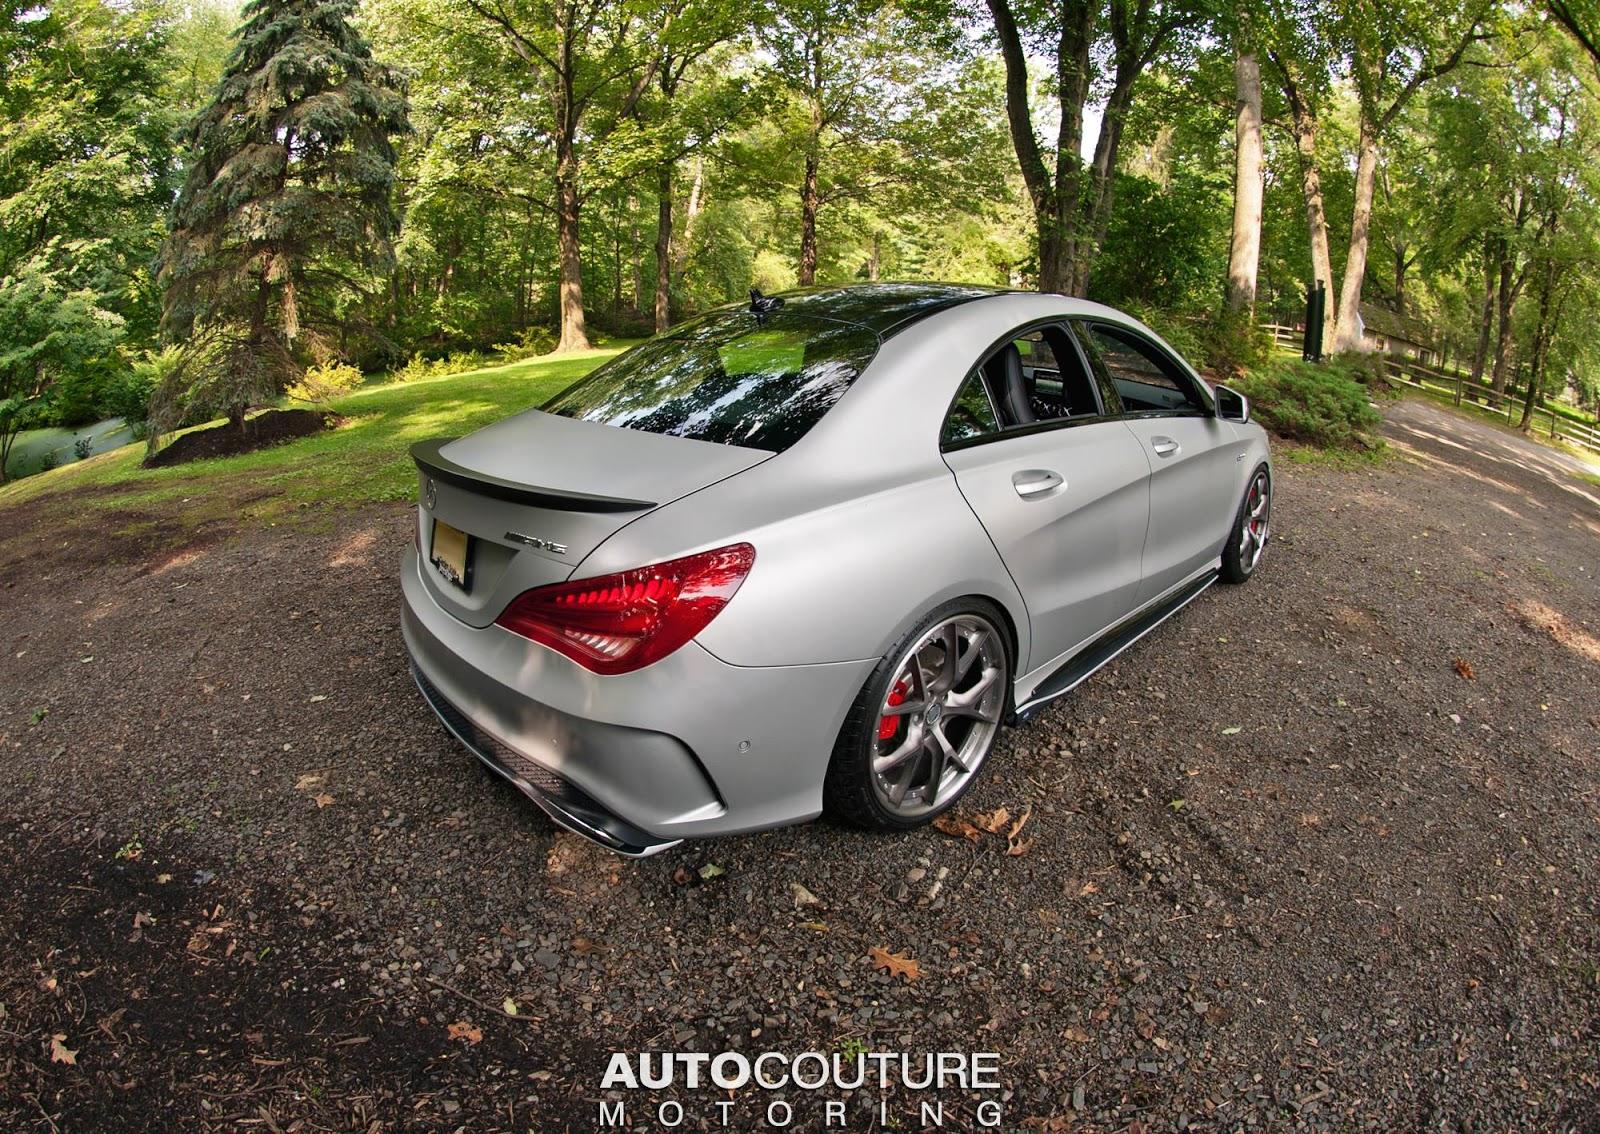 http://3.bp.blogspot.com/-bYf50Z4KZeY/U_udRhpY5BI/AAAAAAAADMs/GhnynCkA_cE/s1600/Mercedes-CLA-45-AMG-8.jpg